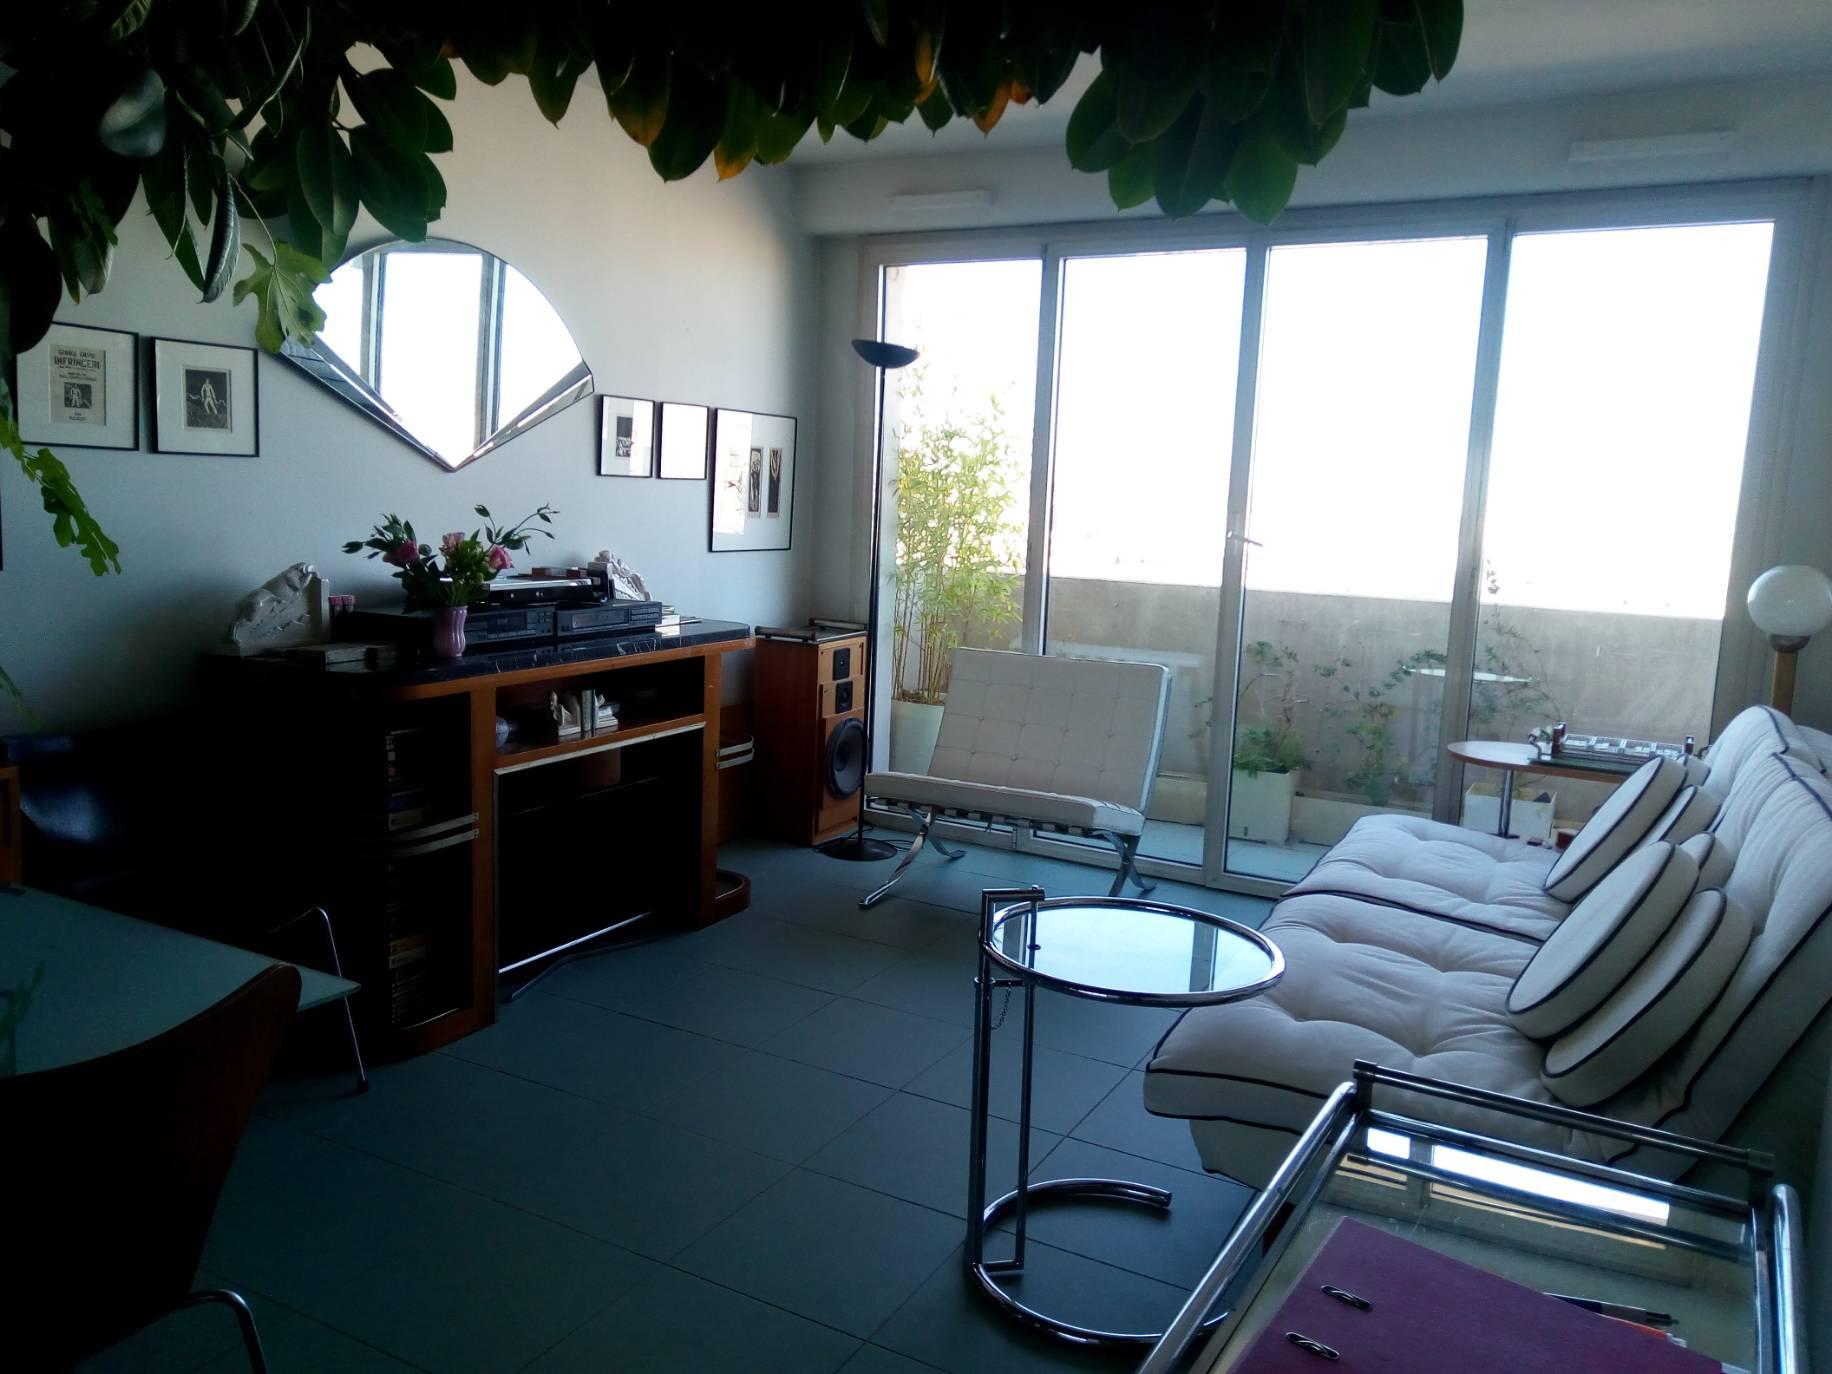 viager maison villa viager occup montrouge appartement 3 pi ces balcon et box. Black Bedroom Furniture Sets. Home Design Ideas